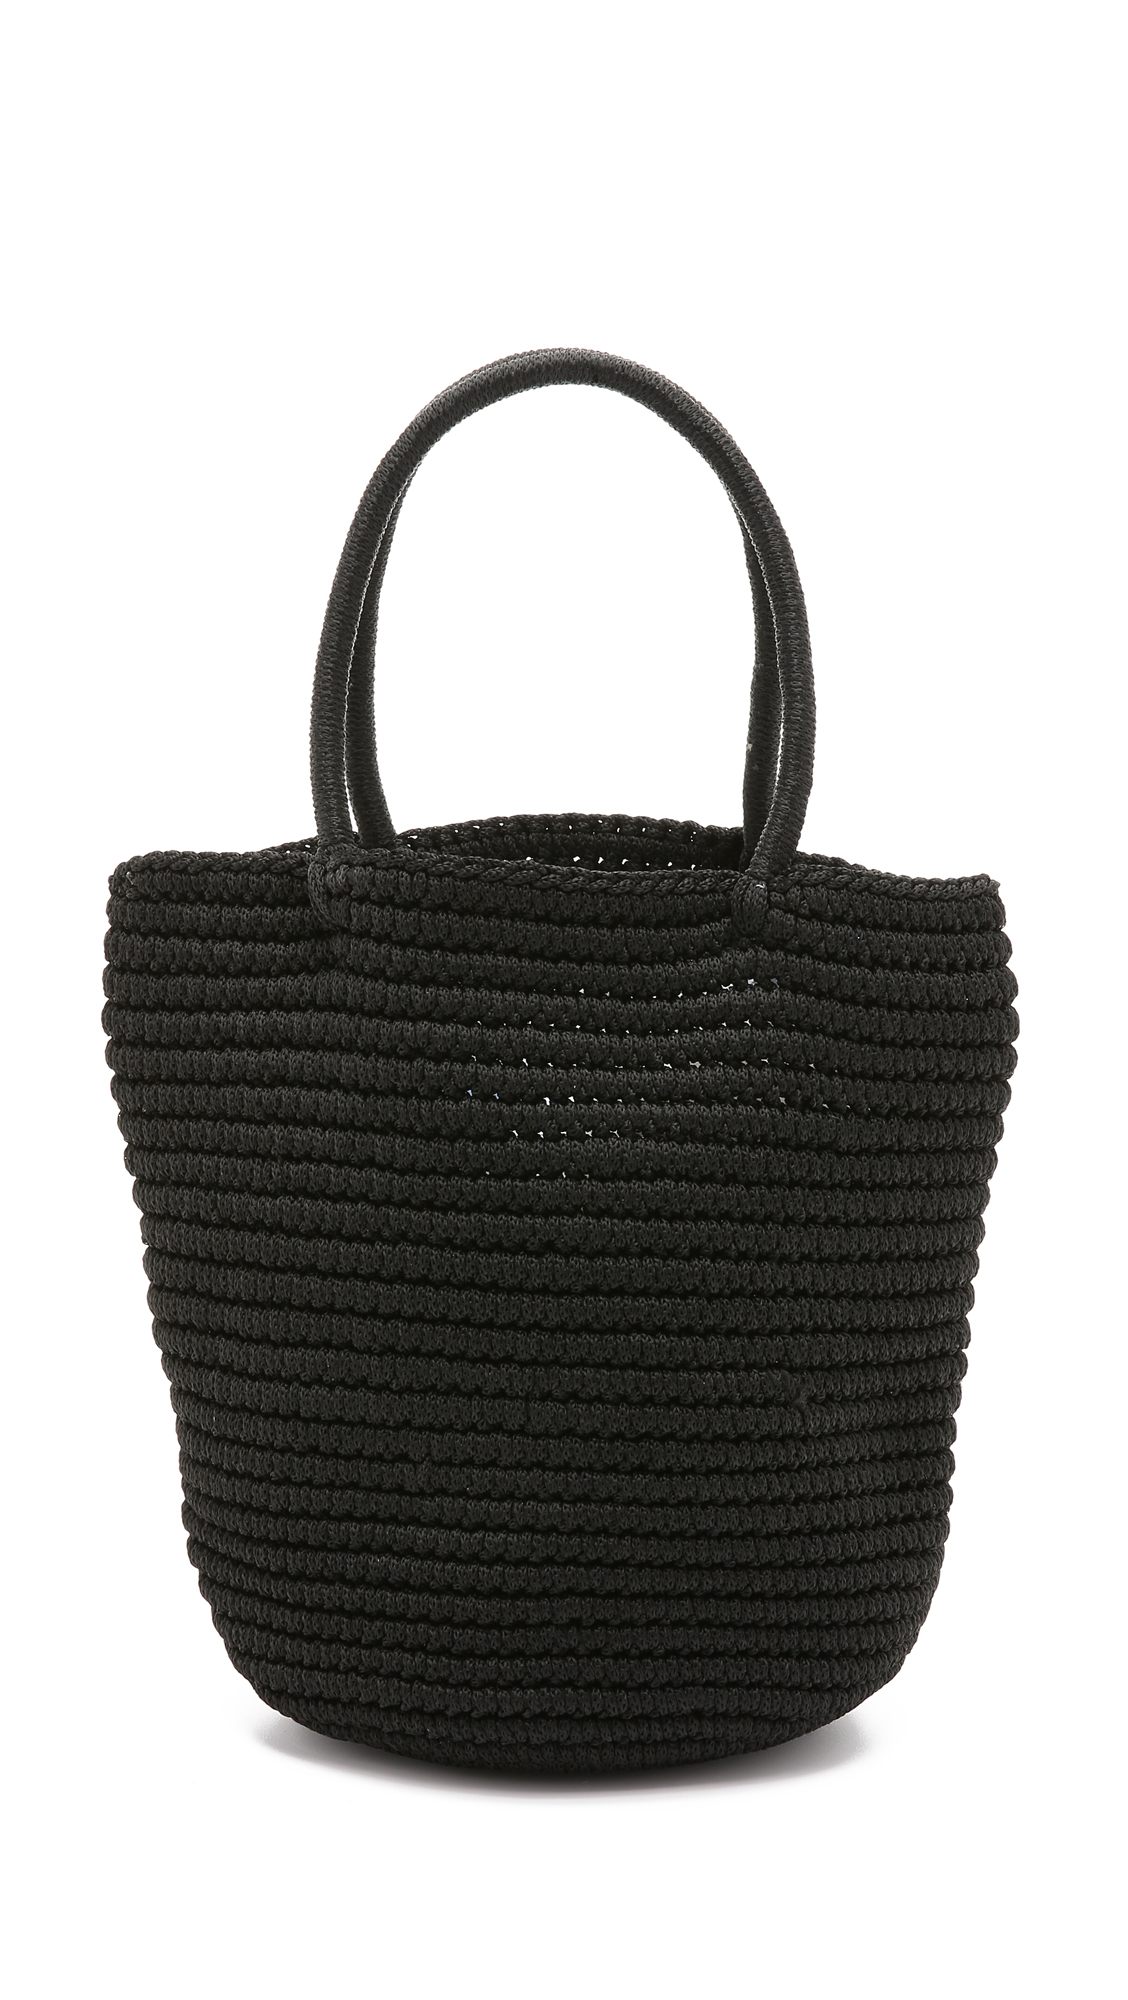 VIDA Tote Bag - Black Logo Tote by VIDA 94rMeR